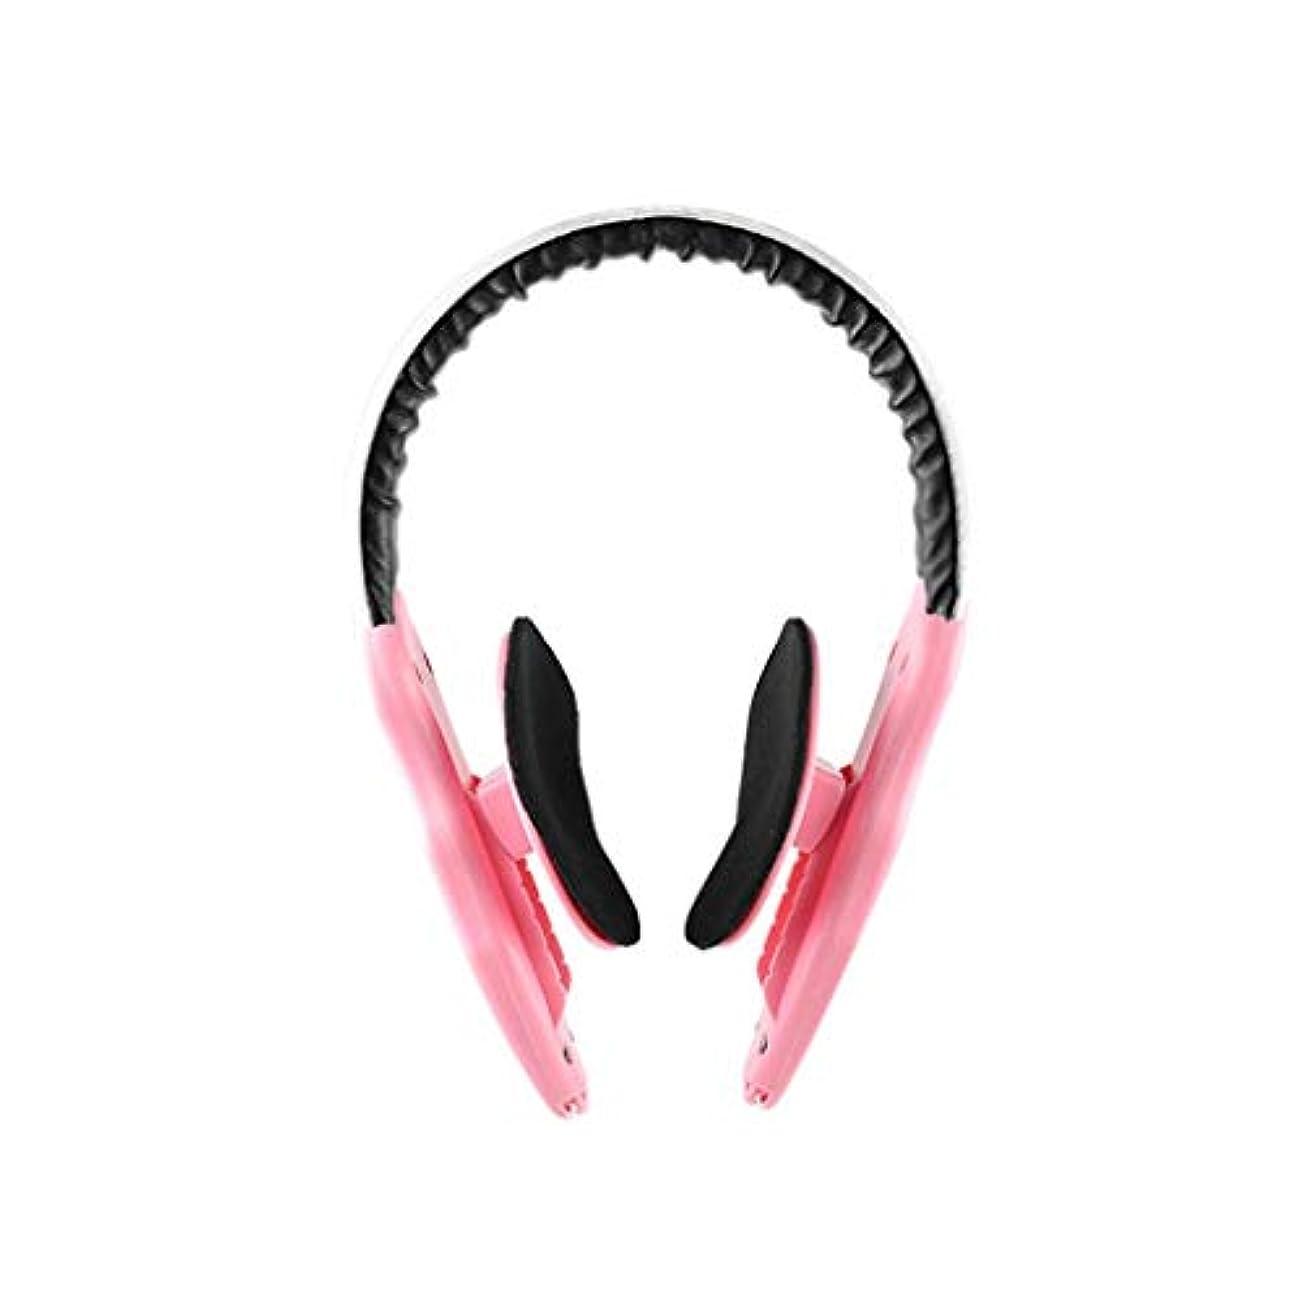 熟達歩道エピソードLJK フェイスリフトマスク、フェイスブレース、非対称フェイスマッセターマッスル、フェイシャルラインの強化、フェイシャルファットの改善、男性に最適 (Color : Pink)